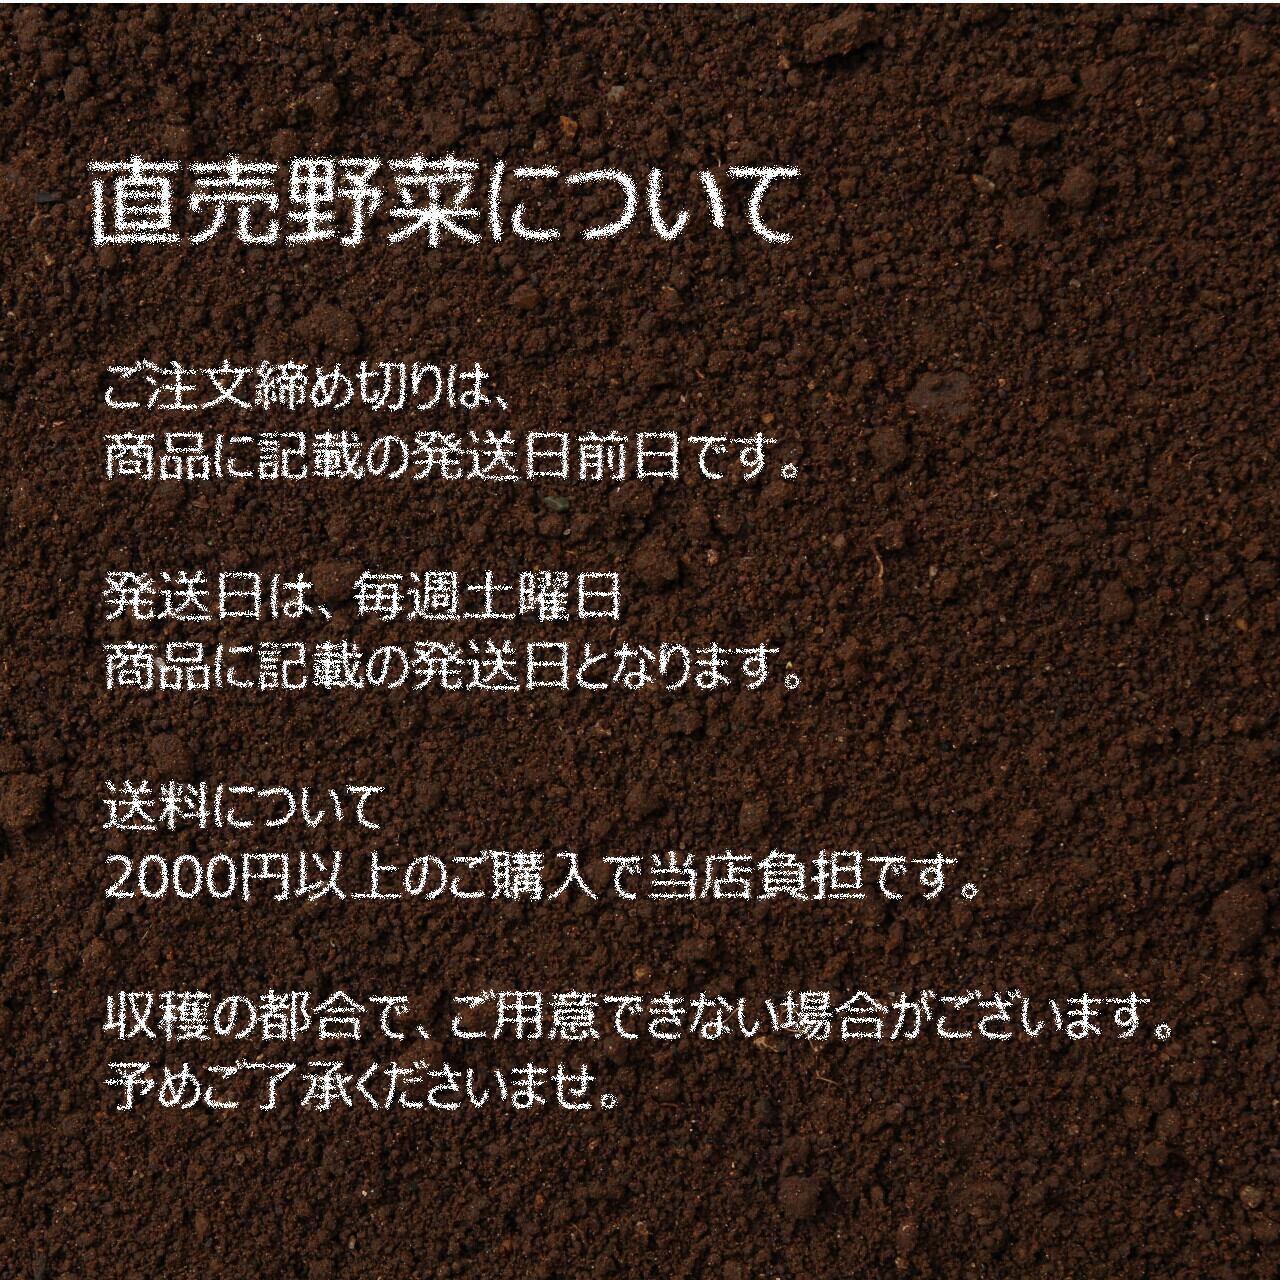 7月の朝採り直売野菜 : 大葉 約100g 新鮮な夏野菜 7月4日発送予定